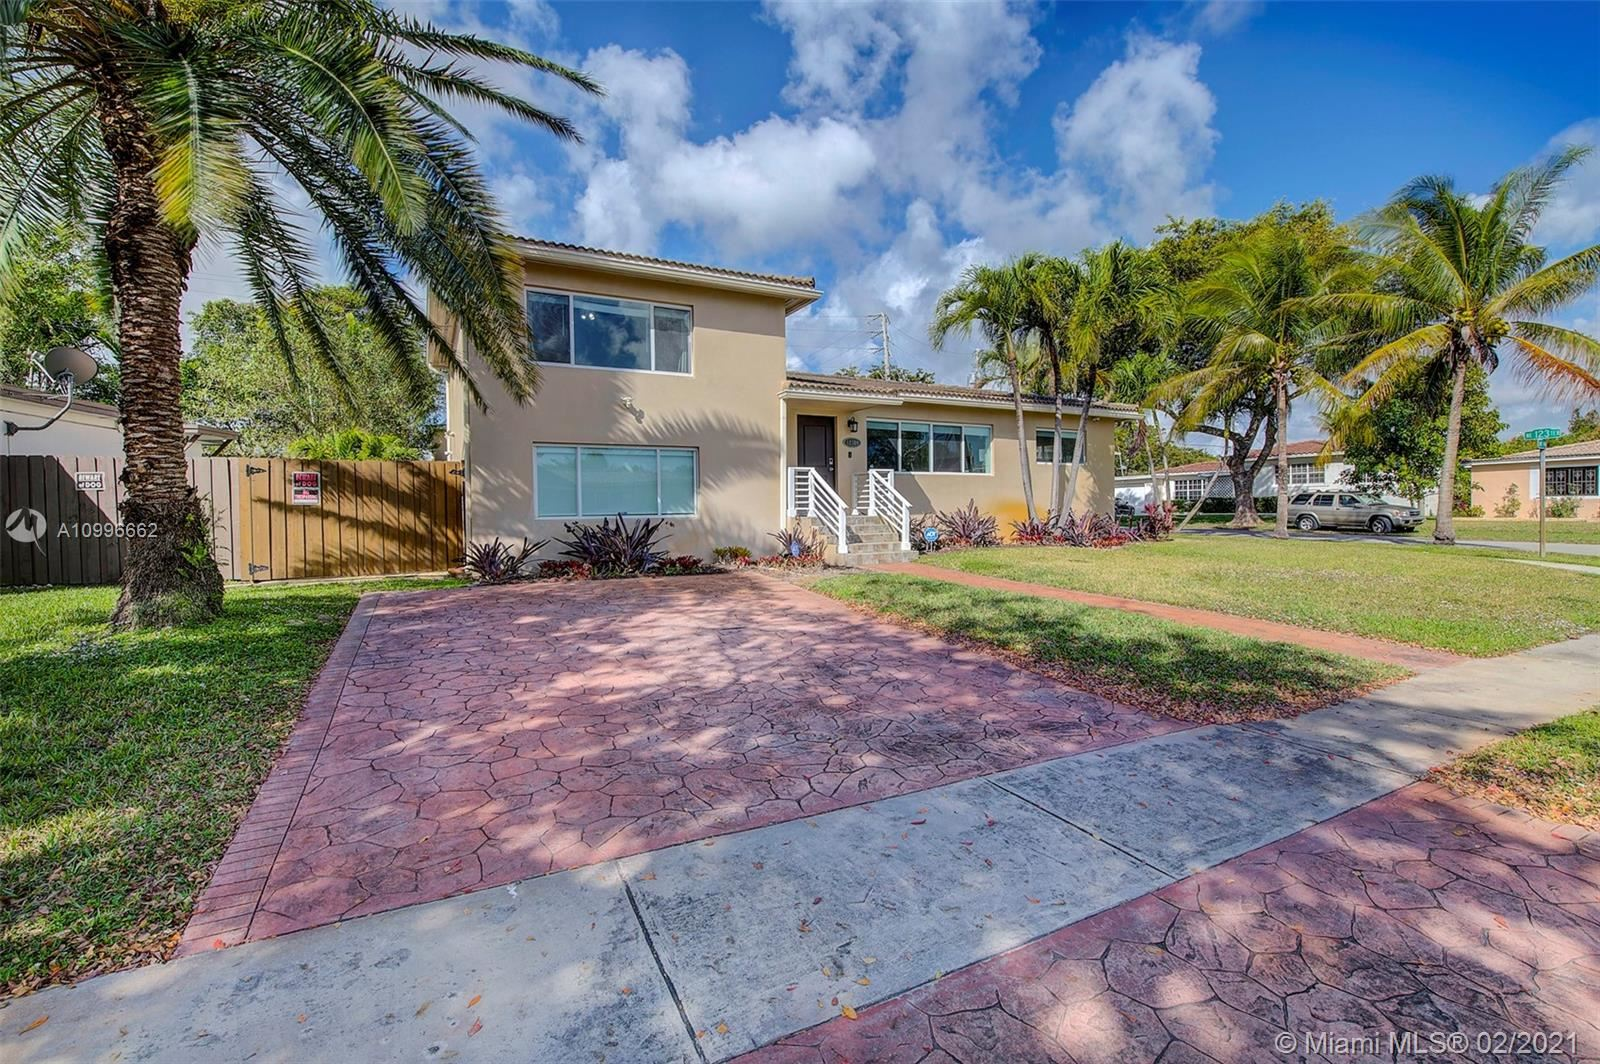 Photo of 12300 NE Miami Ct, North Miami, FL 33161 (MLS # A10996662)